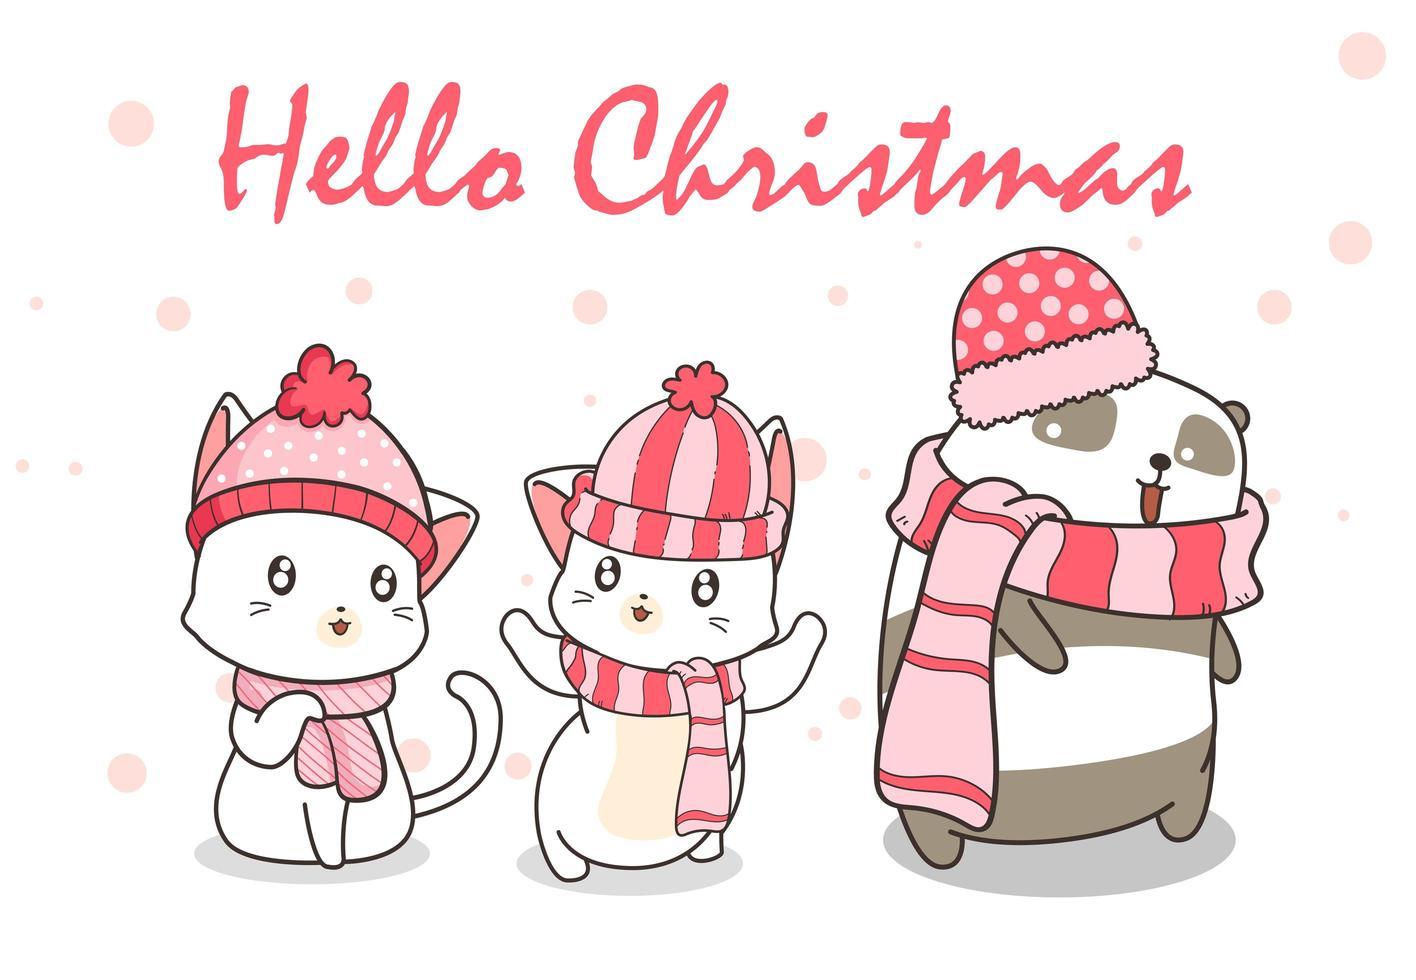 '' hallo kerst '' met katten en panda's in winterkleding vector